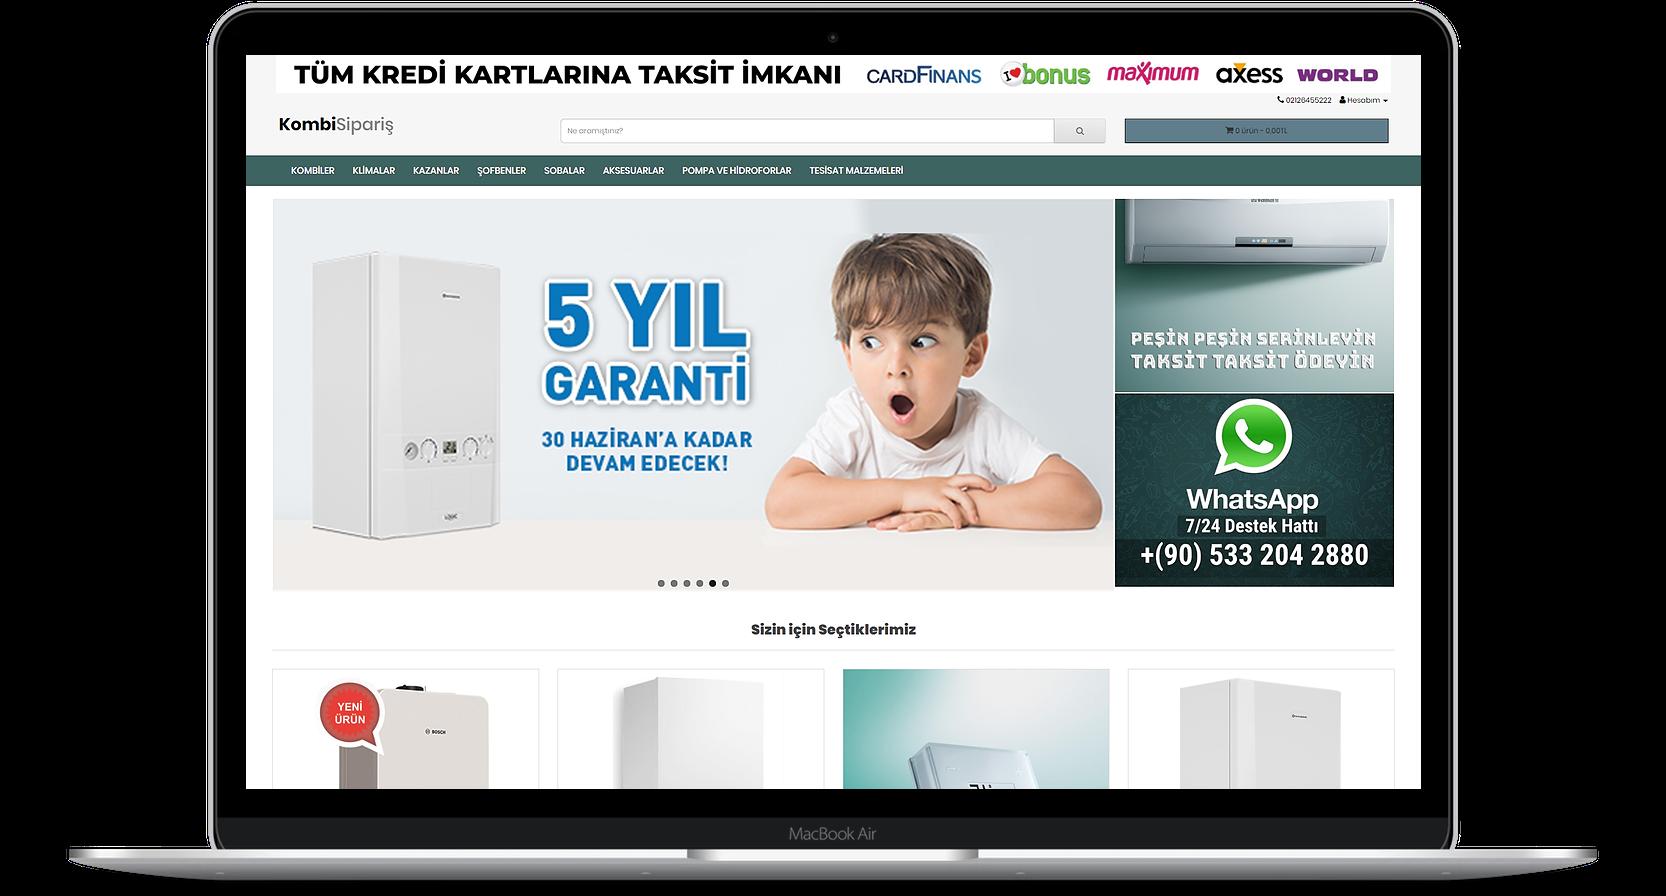 KombiSiparis.com